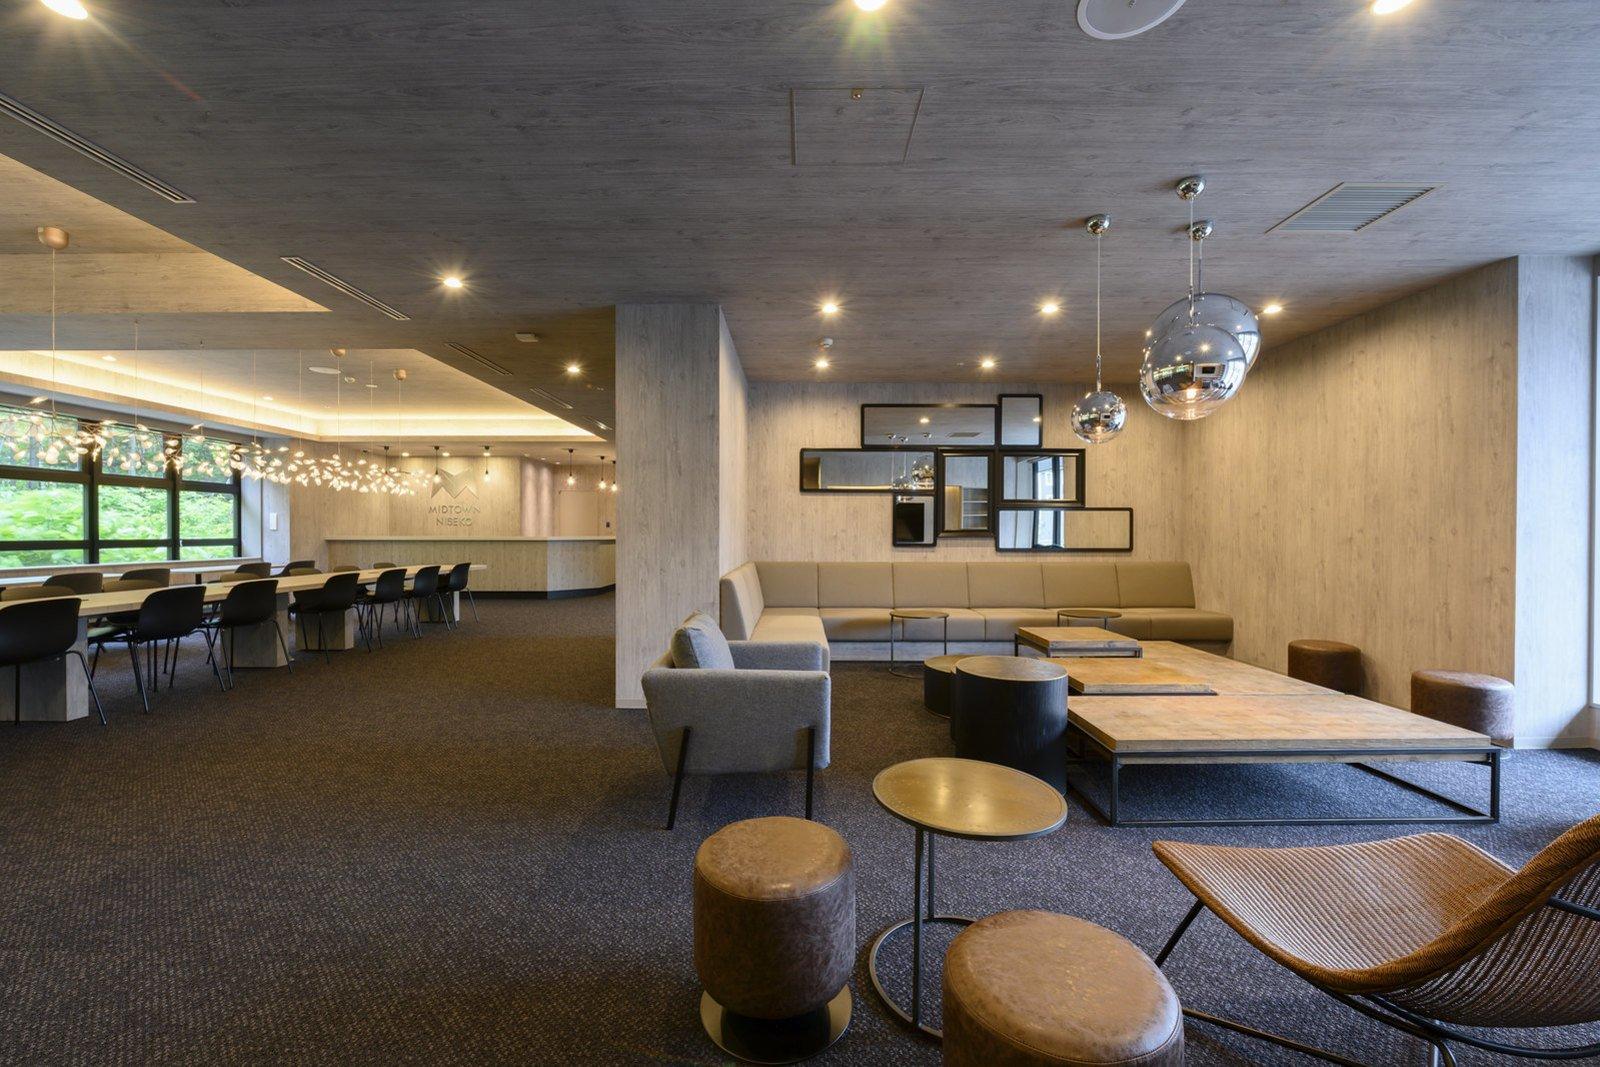 Midtown niseko lobby large